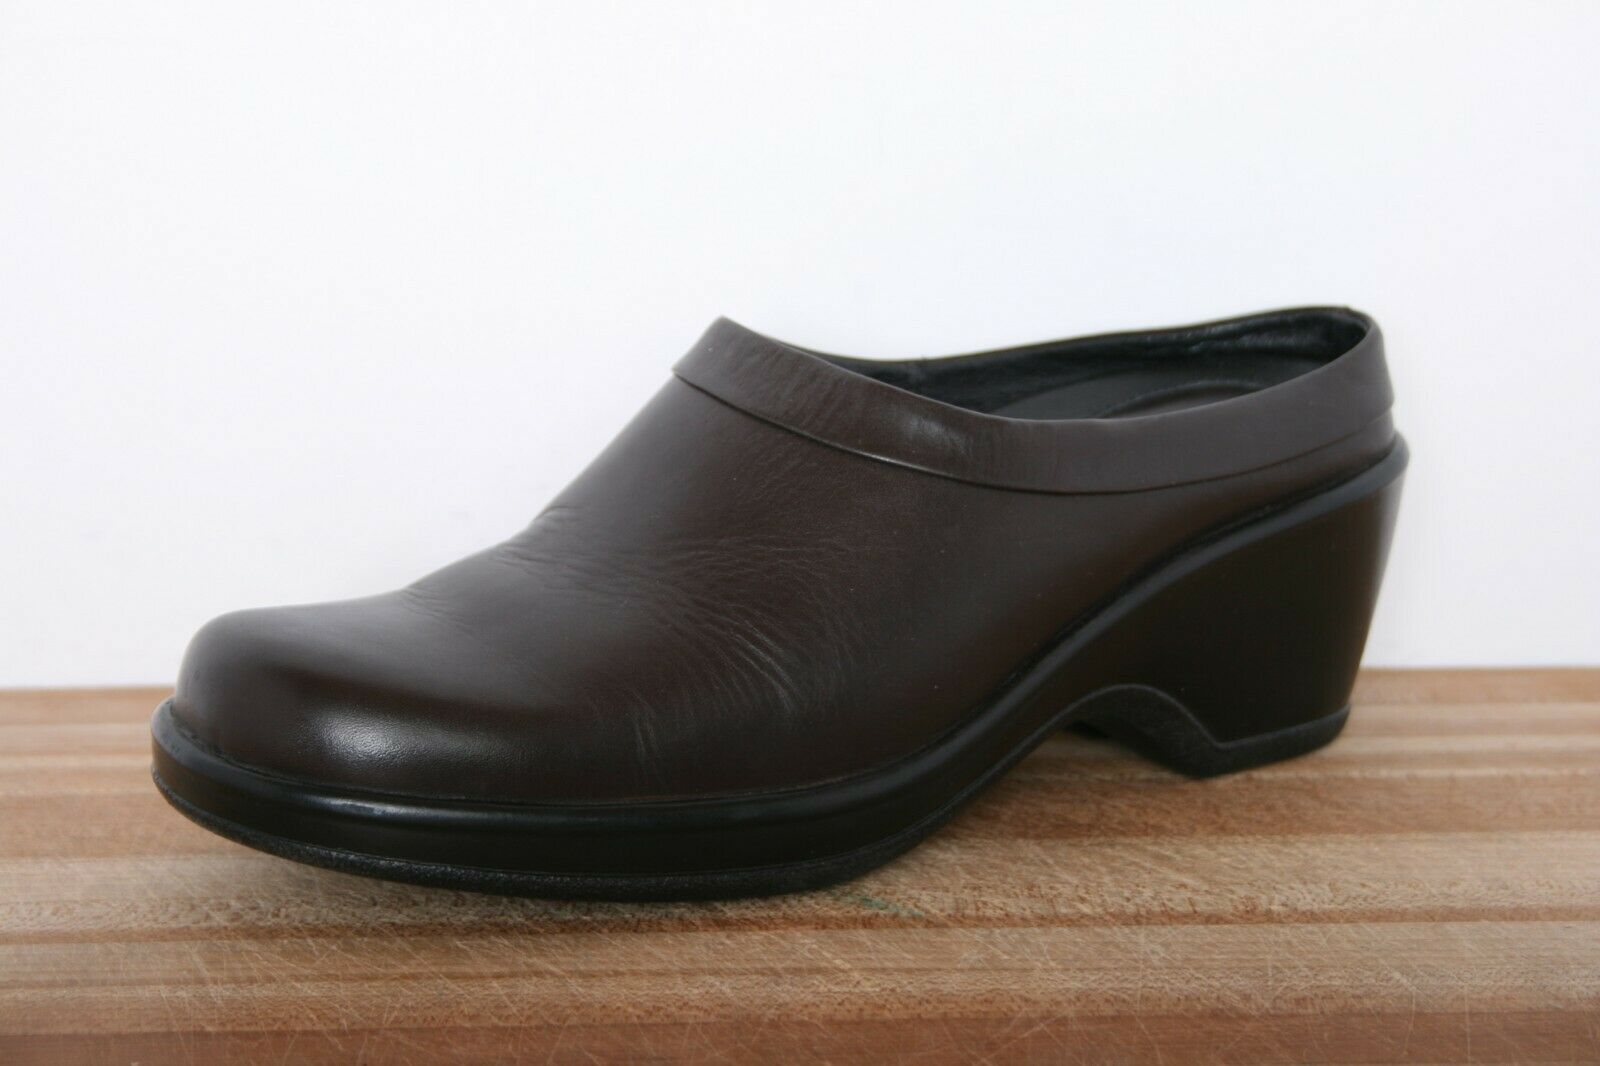 DANSKO Brown Leather Wedge Heel Low Back Clogs EUR 40   US 8.5